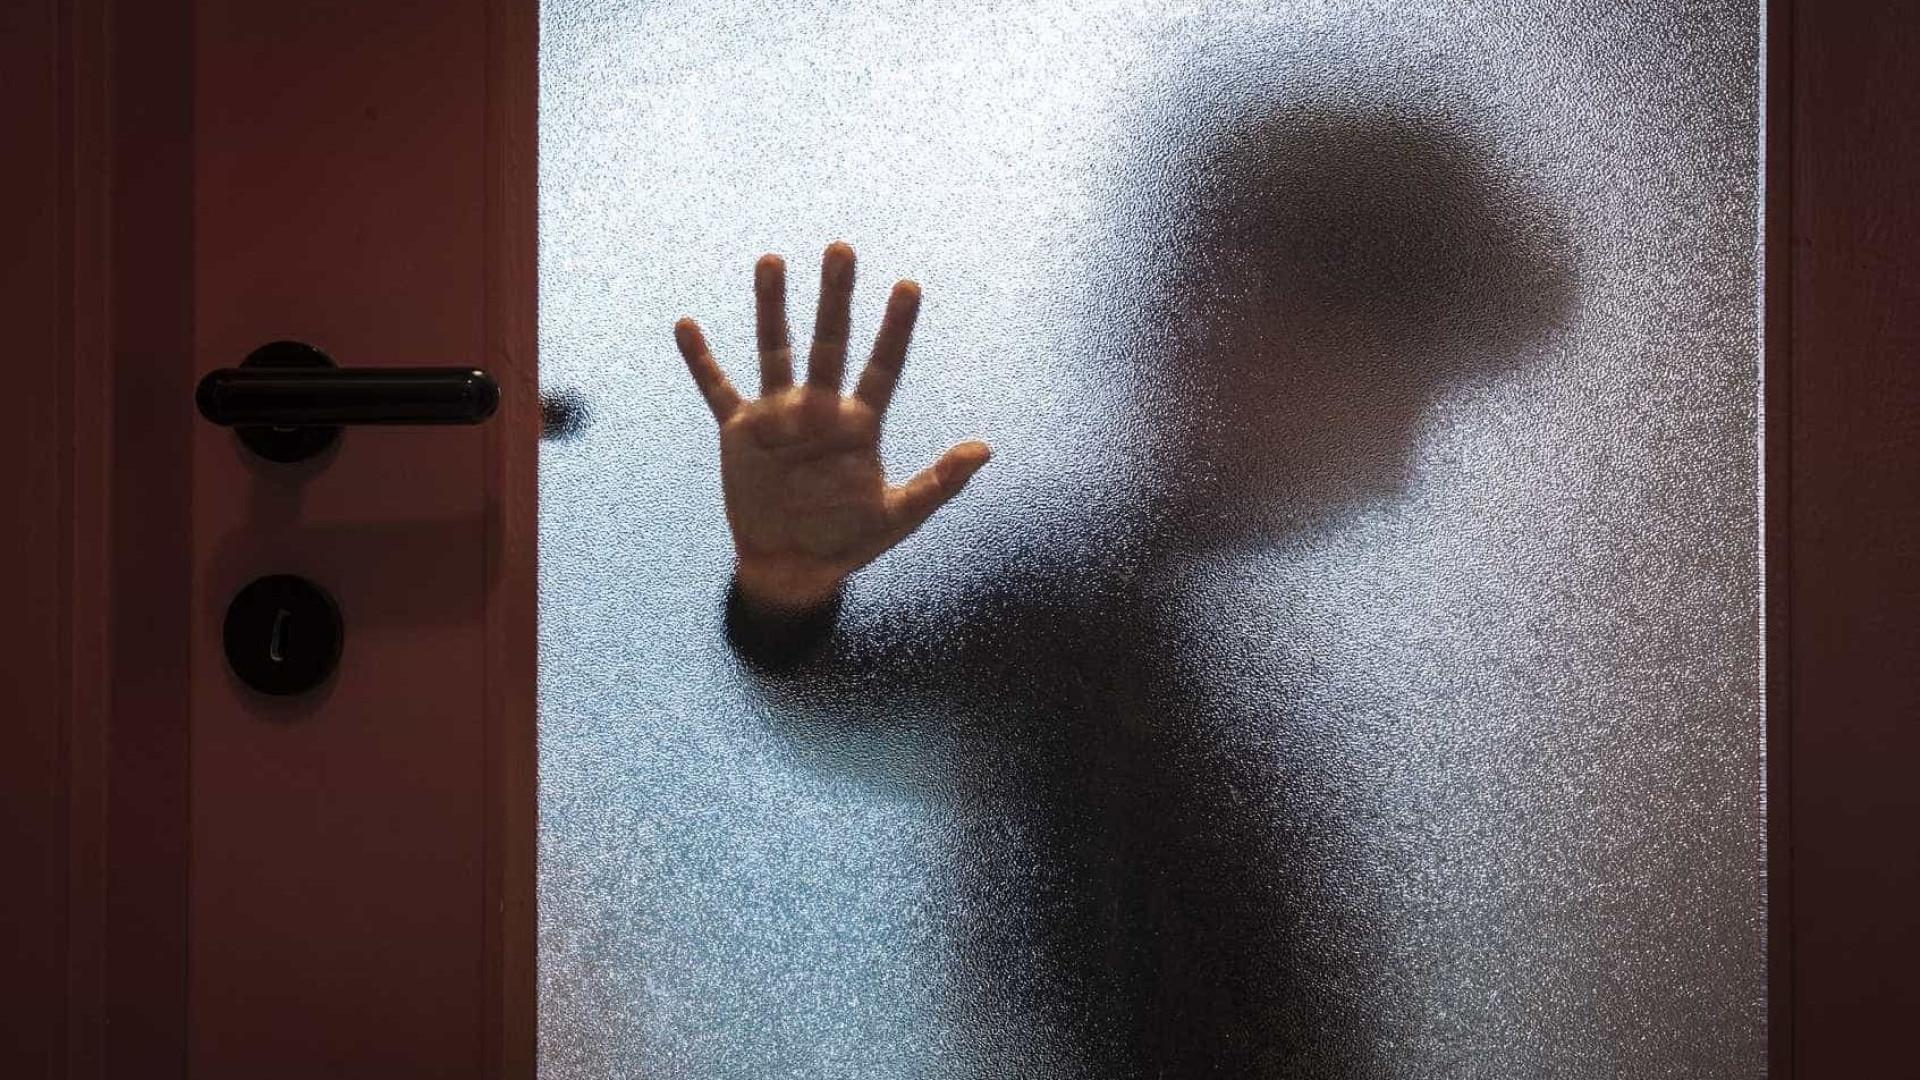 Mulher detida por bater no neto de dois anos na via pública em Espanha